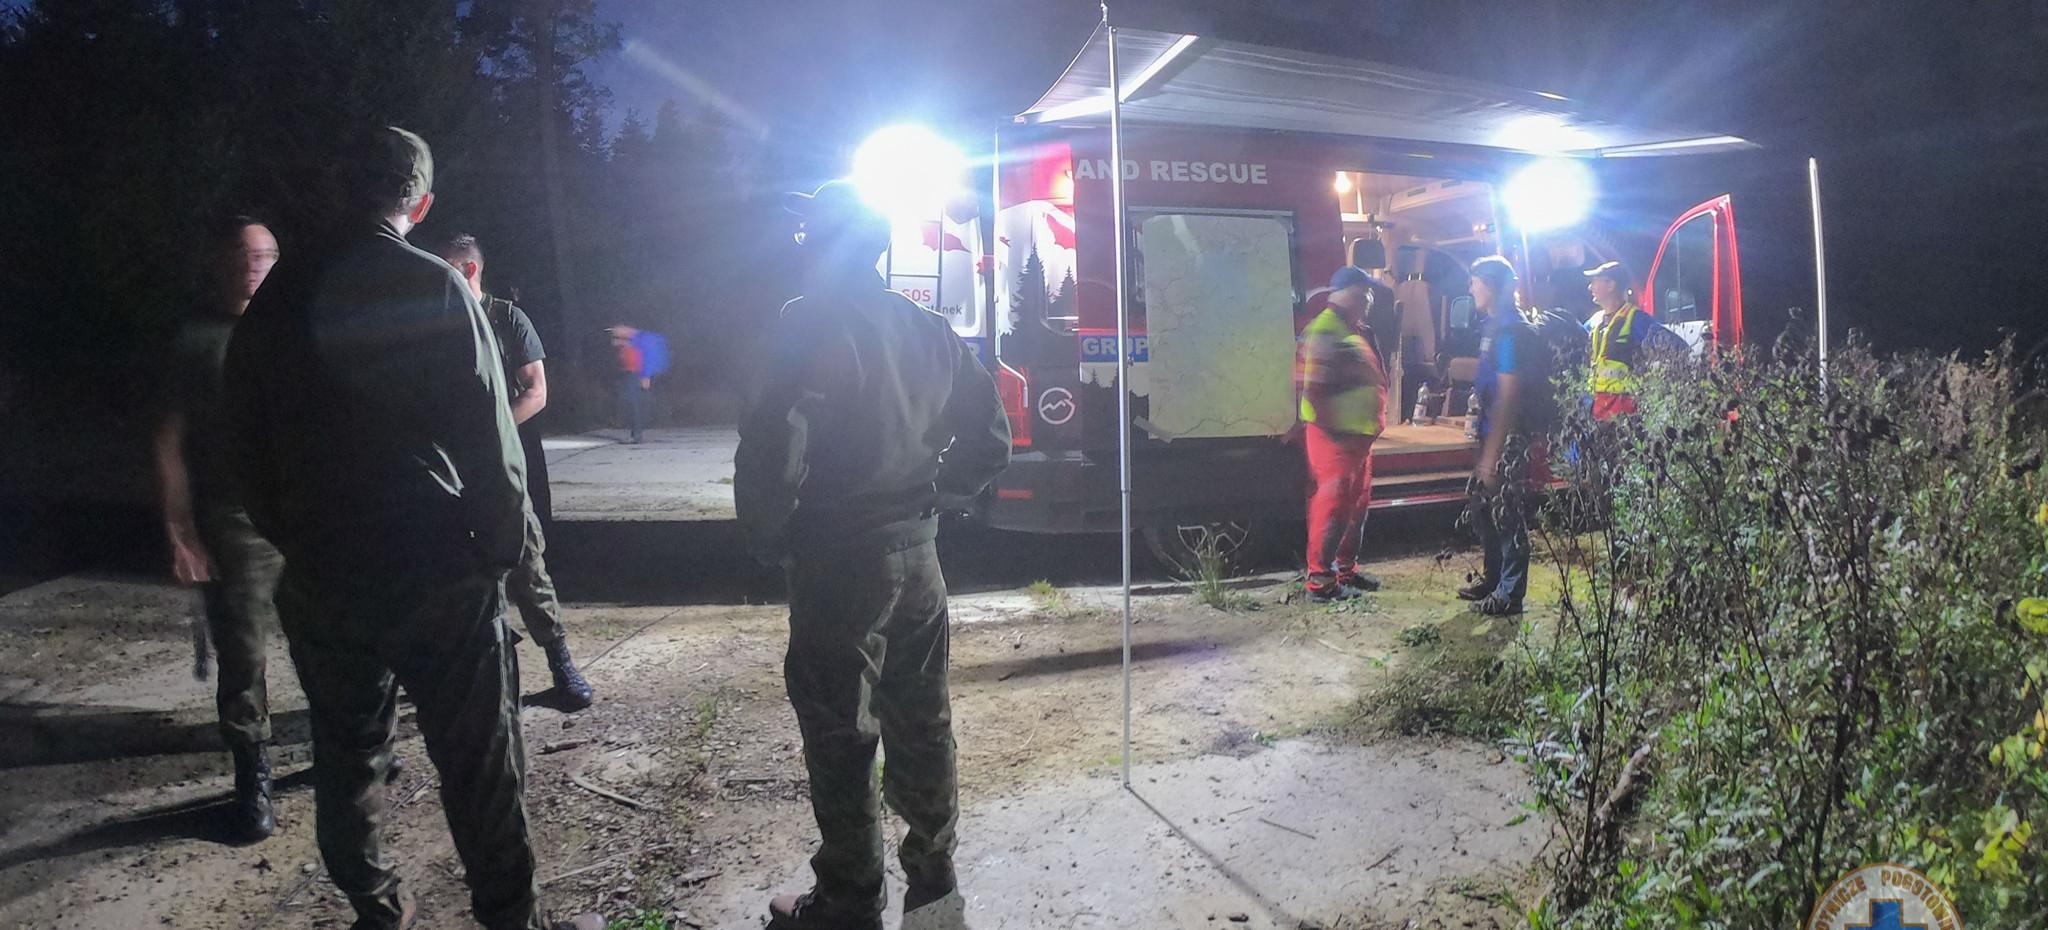 Wypadek awionetki nad Jeziorem Solińskim. Współpraca służb ratunkowych (FOTO)